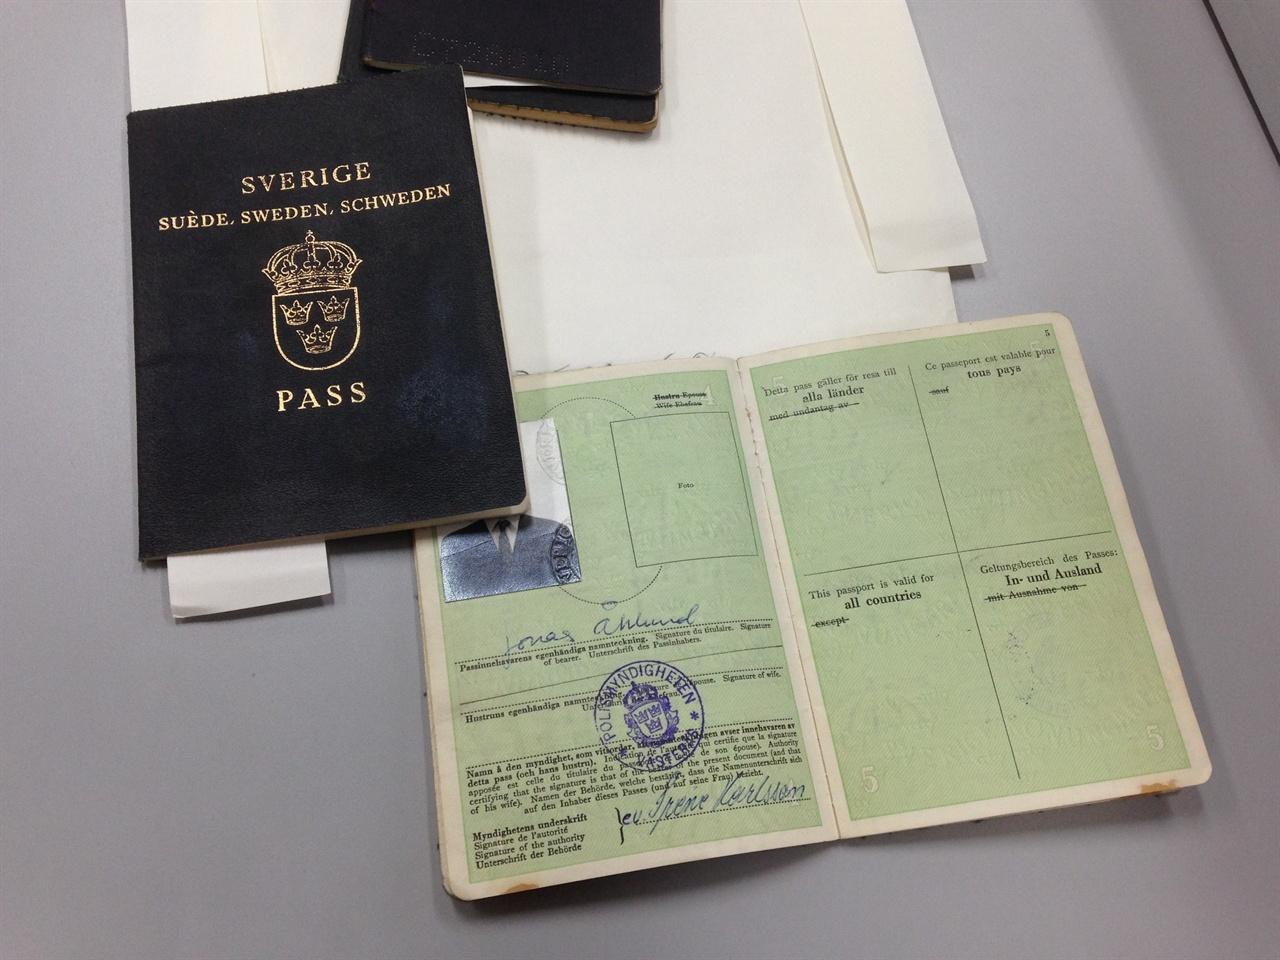 당시 사용했던 위조여권 개인 정보 보호를 위해 해당 인물들의 사진은 모두 가렸다. 여권들 중에는 연습을 위해 여러개의 스탬프를 찍은 것들과 입국에 성공한 완성품이 섞여있었다.